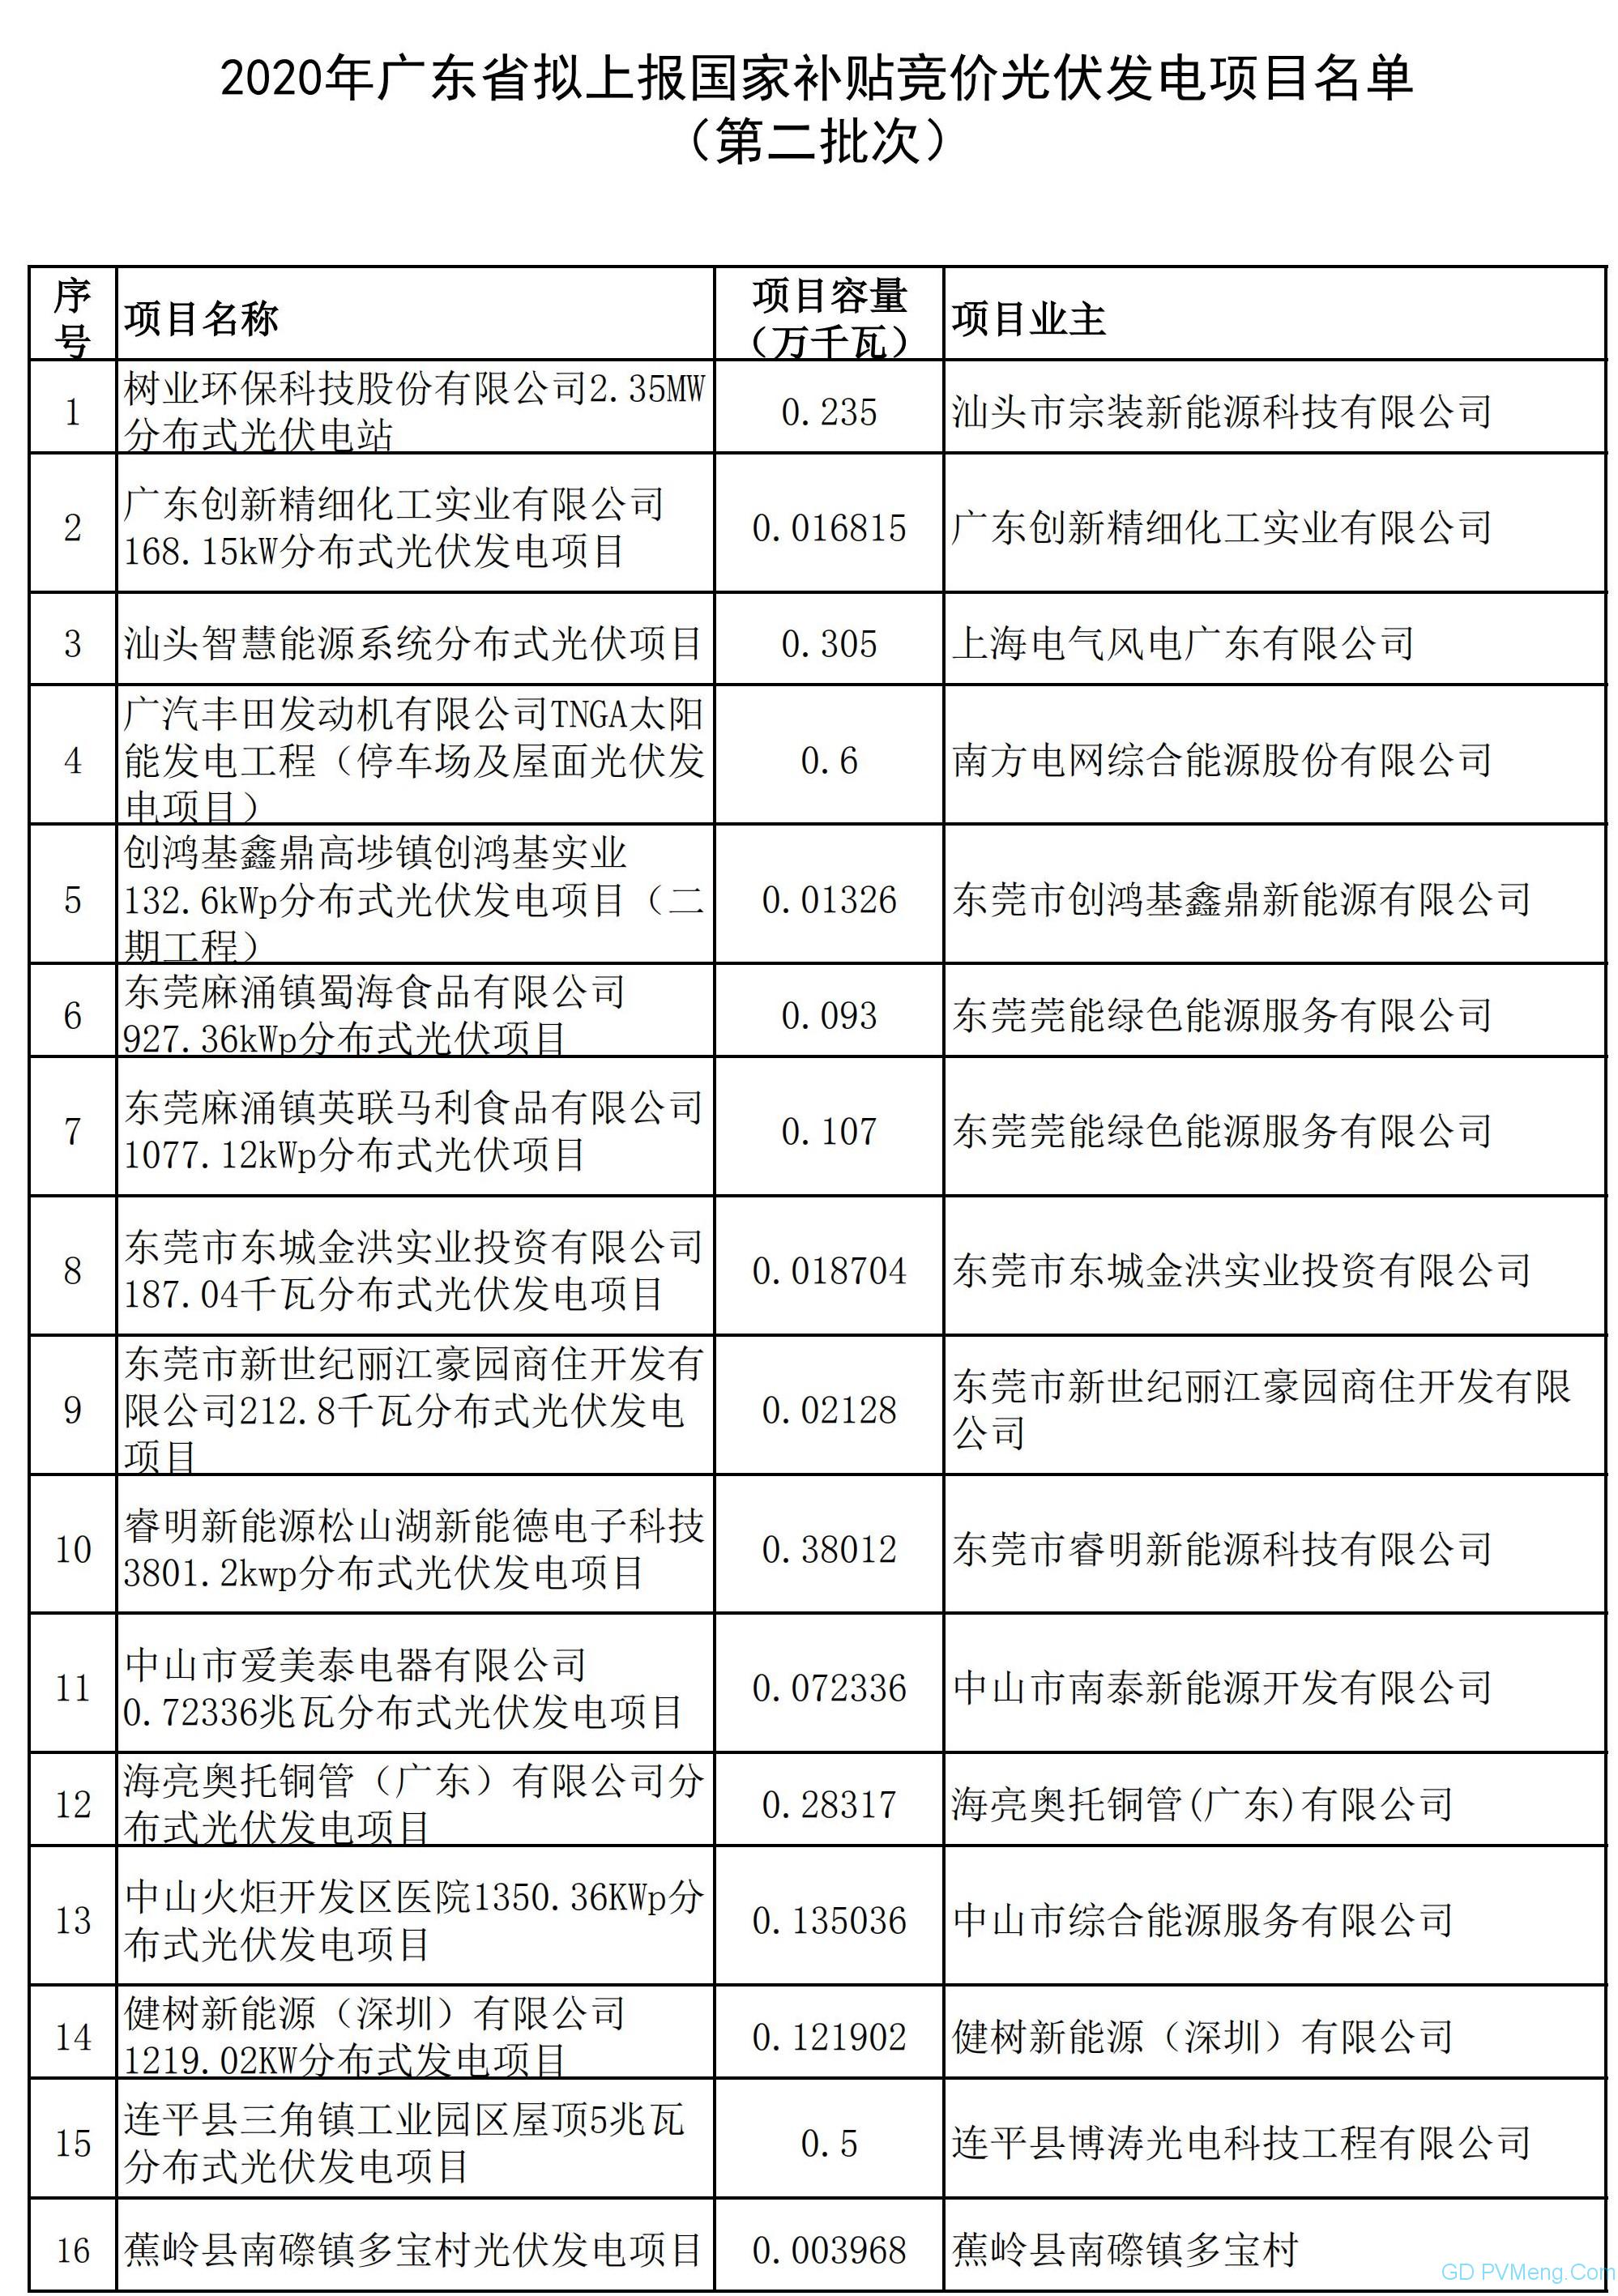 广东省能源局关于2020年拟上报国家补贴竞价光伏发电项目名单(第二批次)的公示 20200608